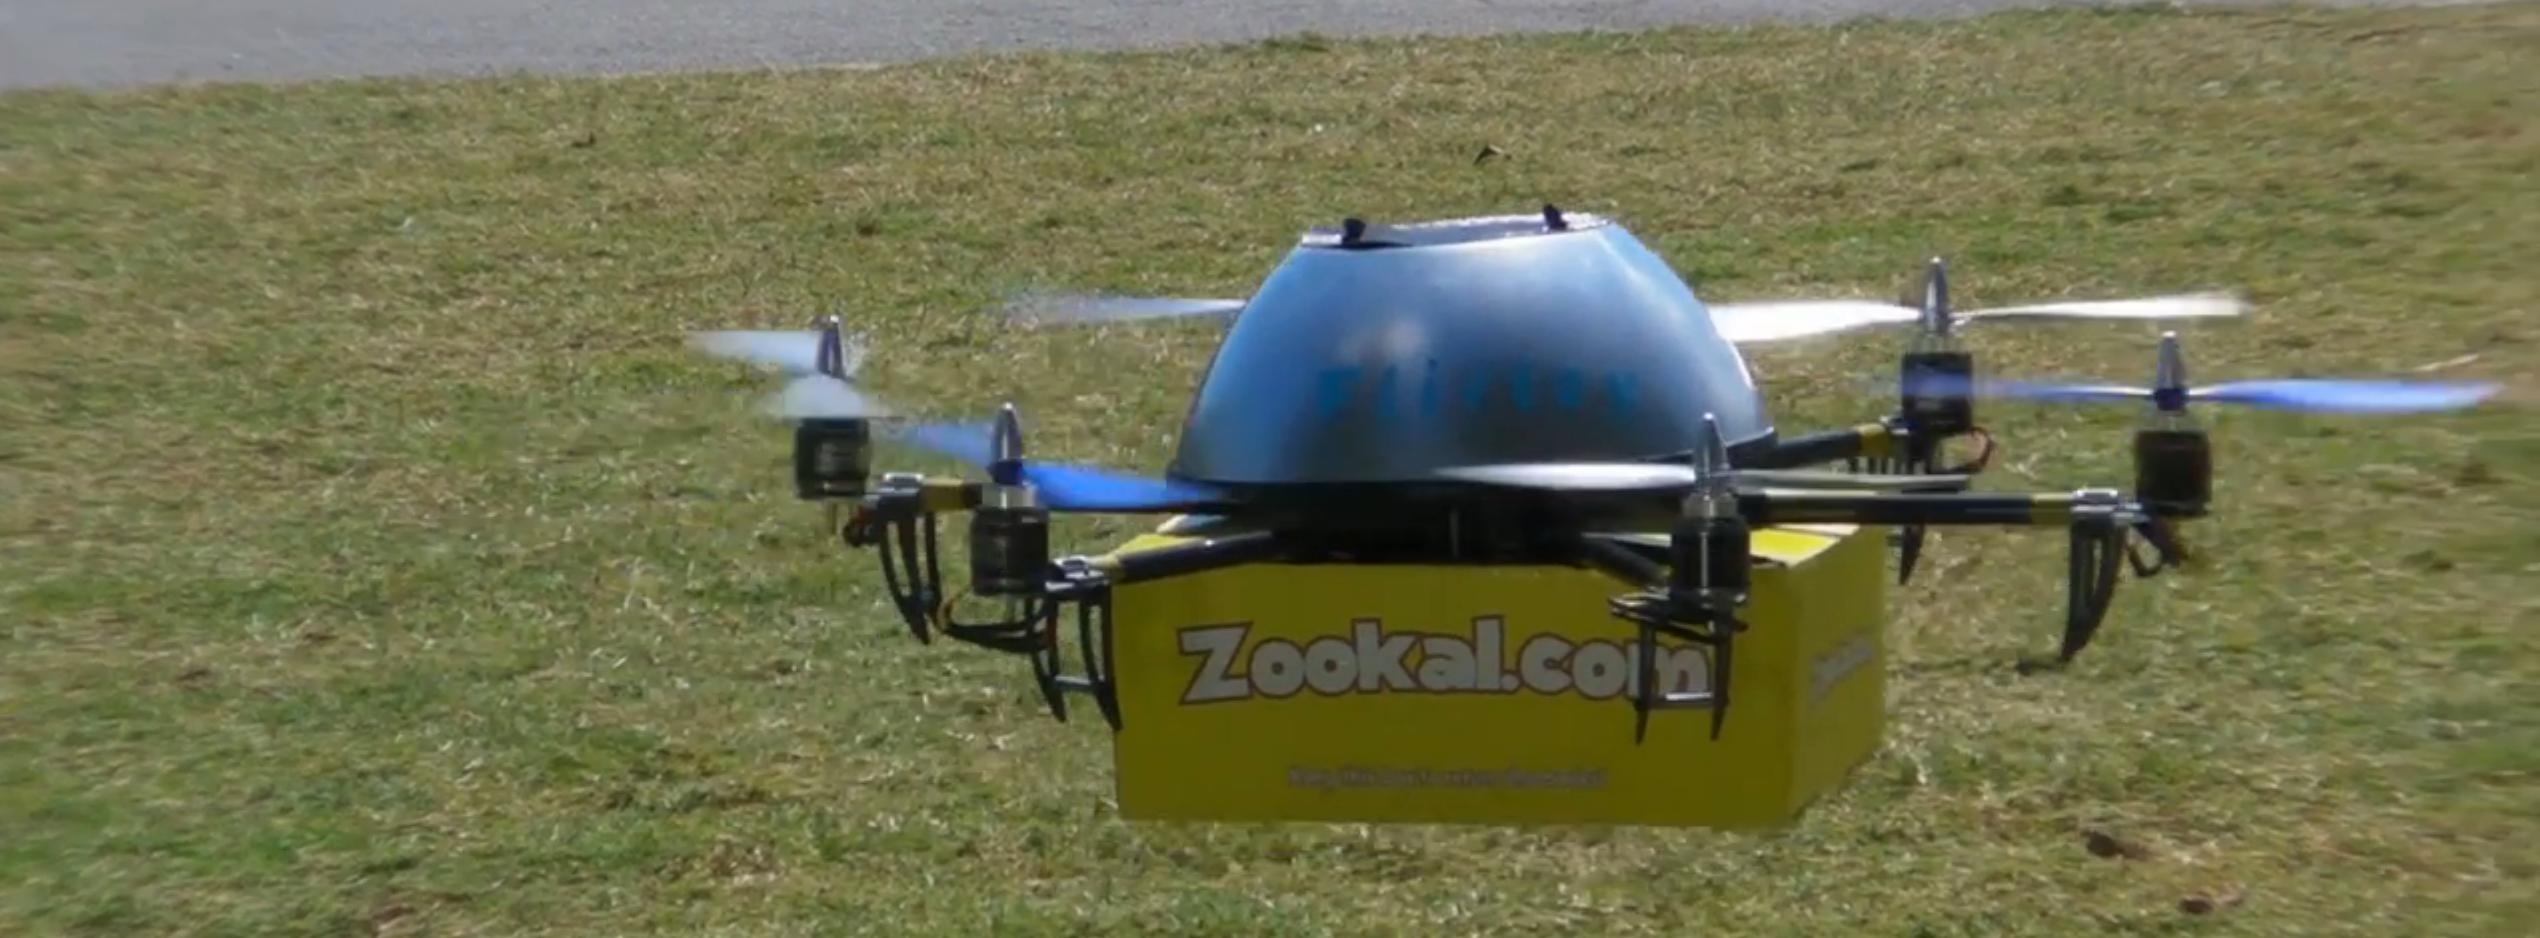 Zookal und Flirtey beginnen mit der Auslieferung per Quadrocopter -